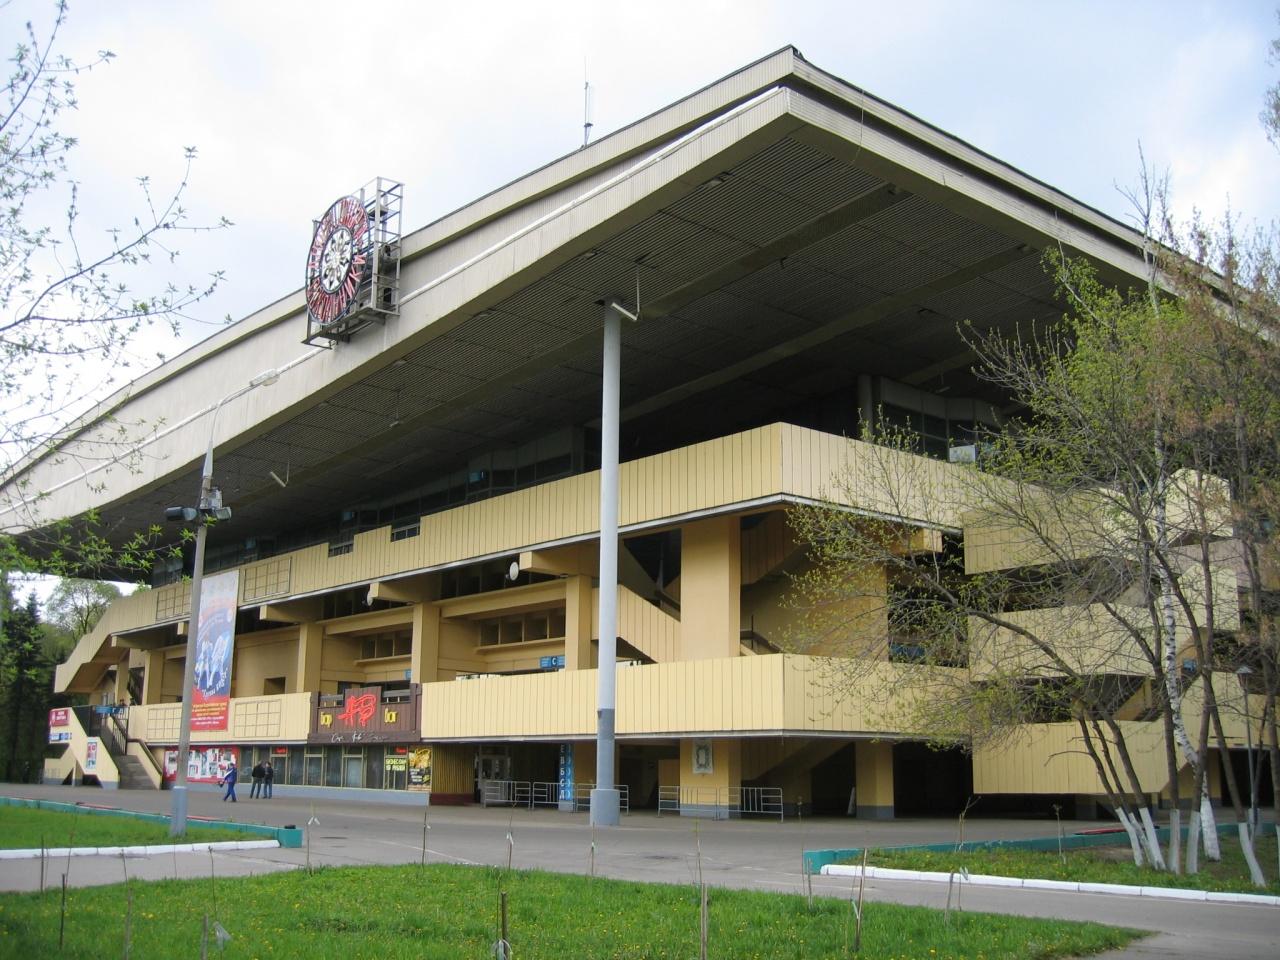 Схема дворец спорта сокольники фото 228